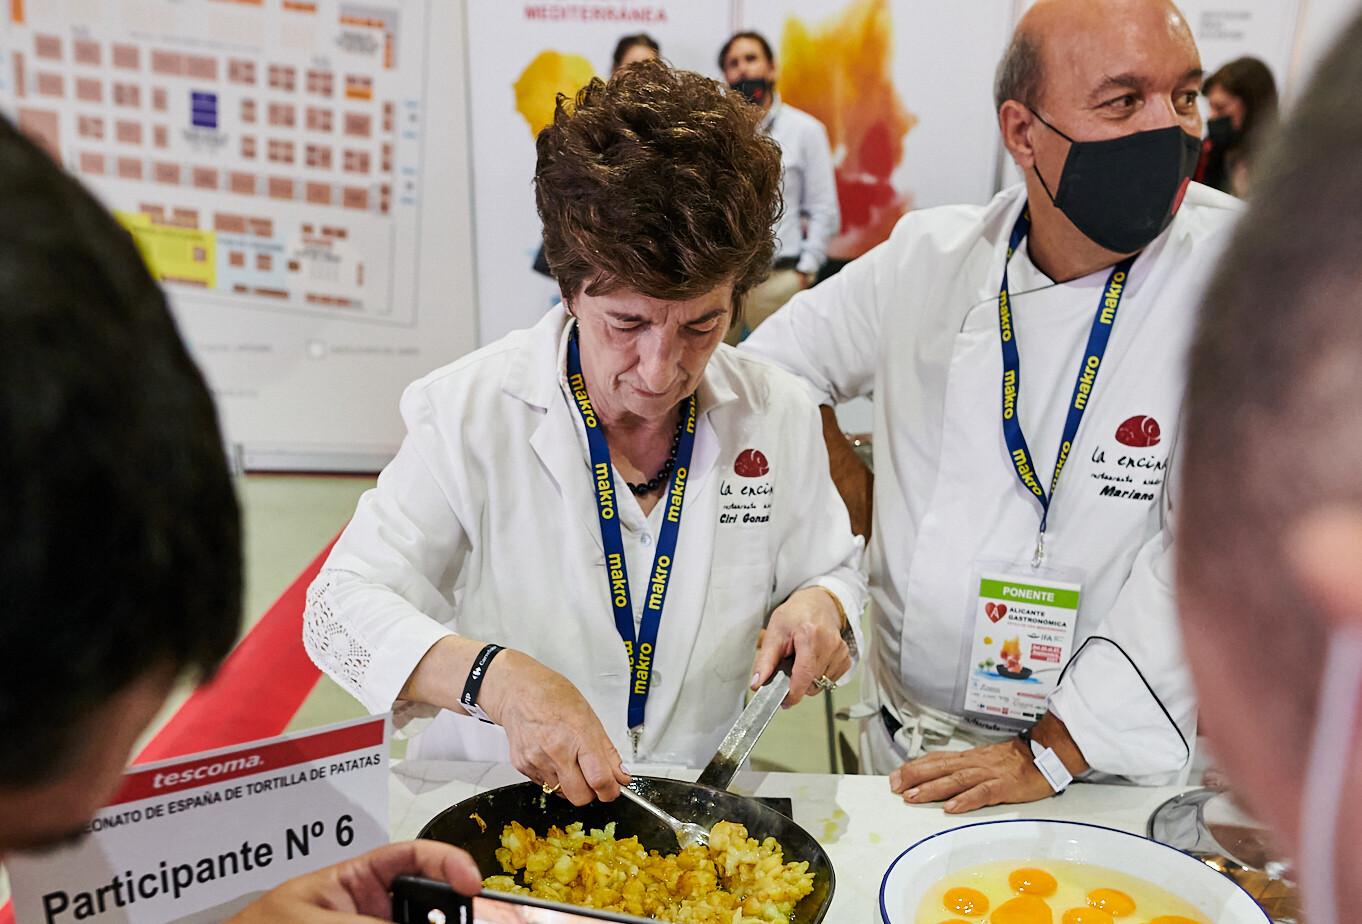 Ciri González gana por cuarta vez el Campeonato de España, con su tortilla de patatas